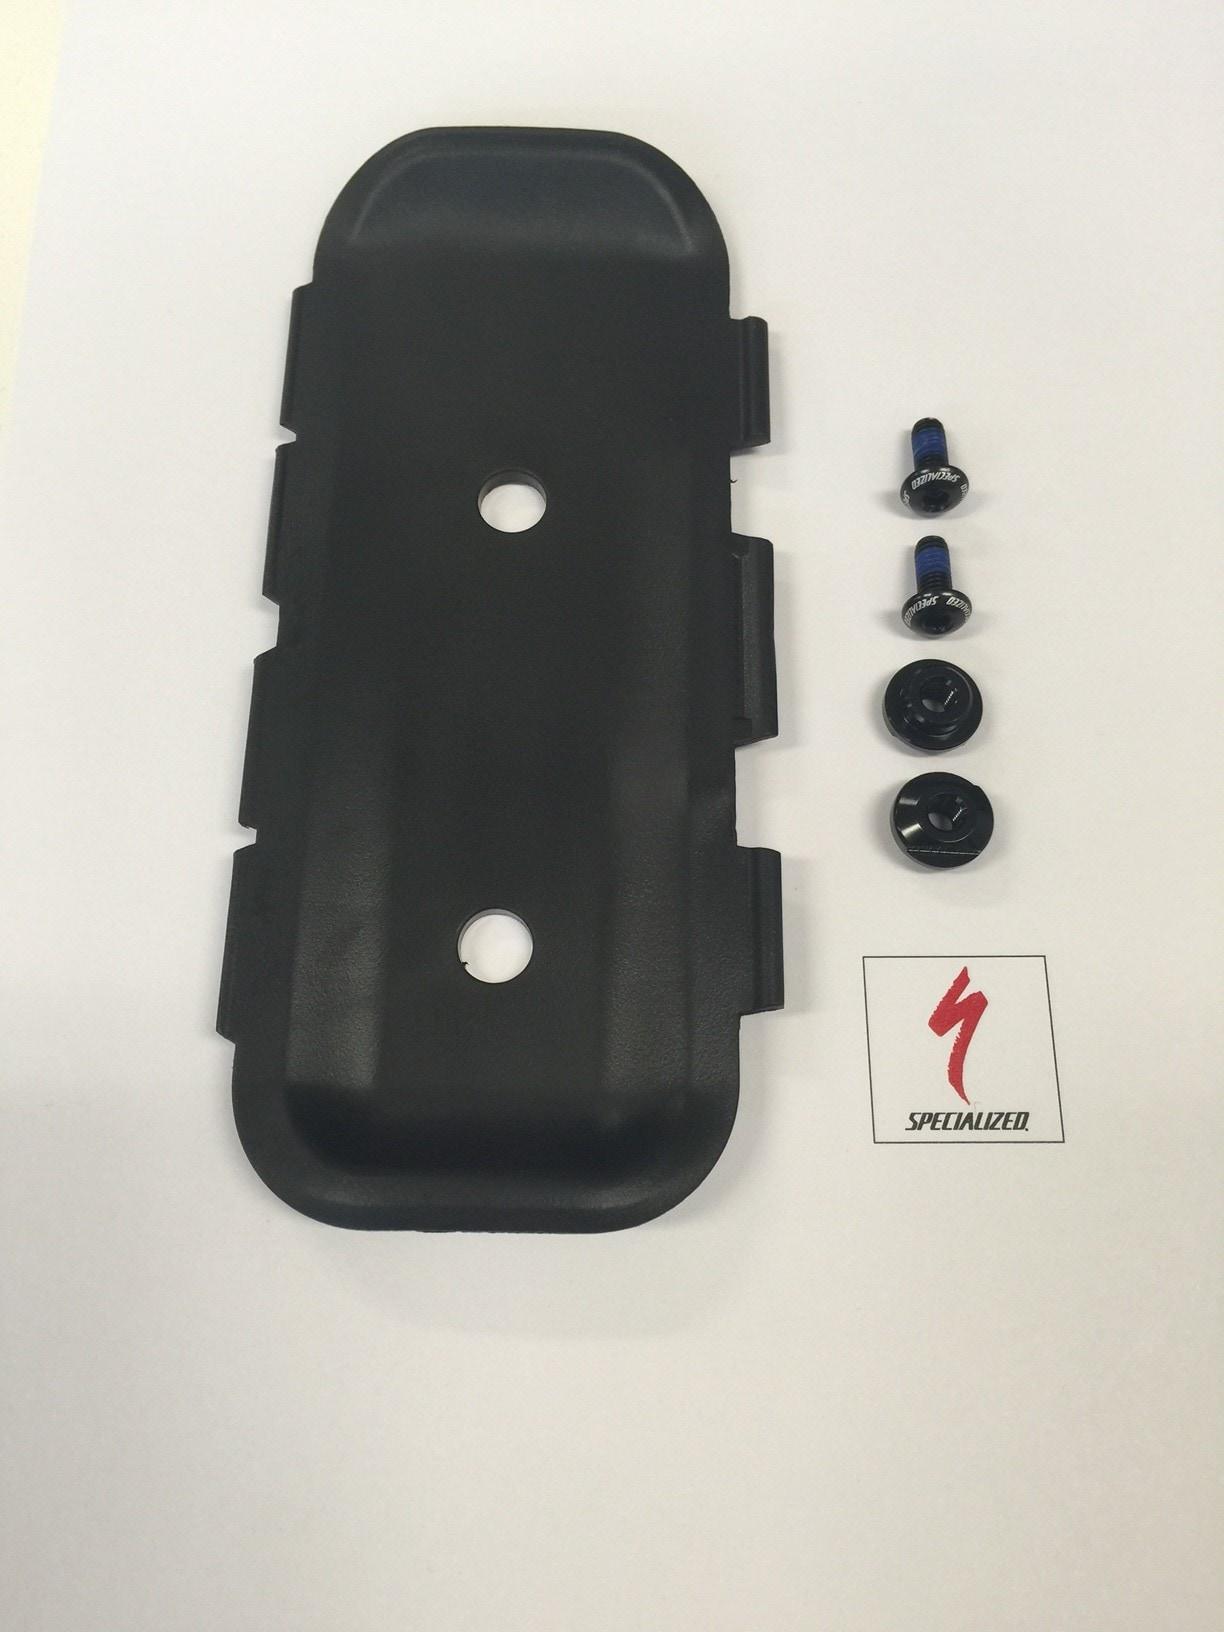 Specialized Flaskställshållare, SWAT Door